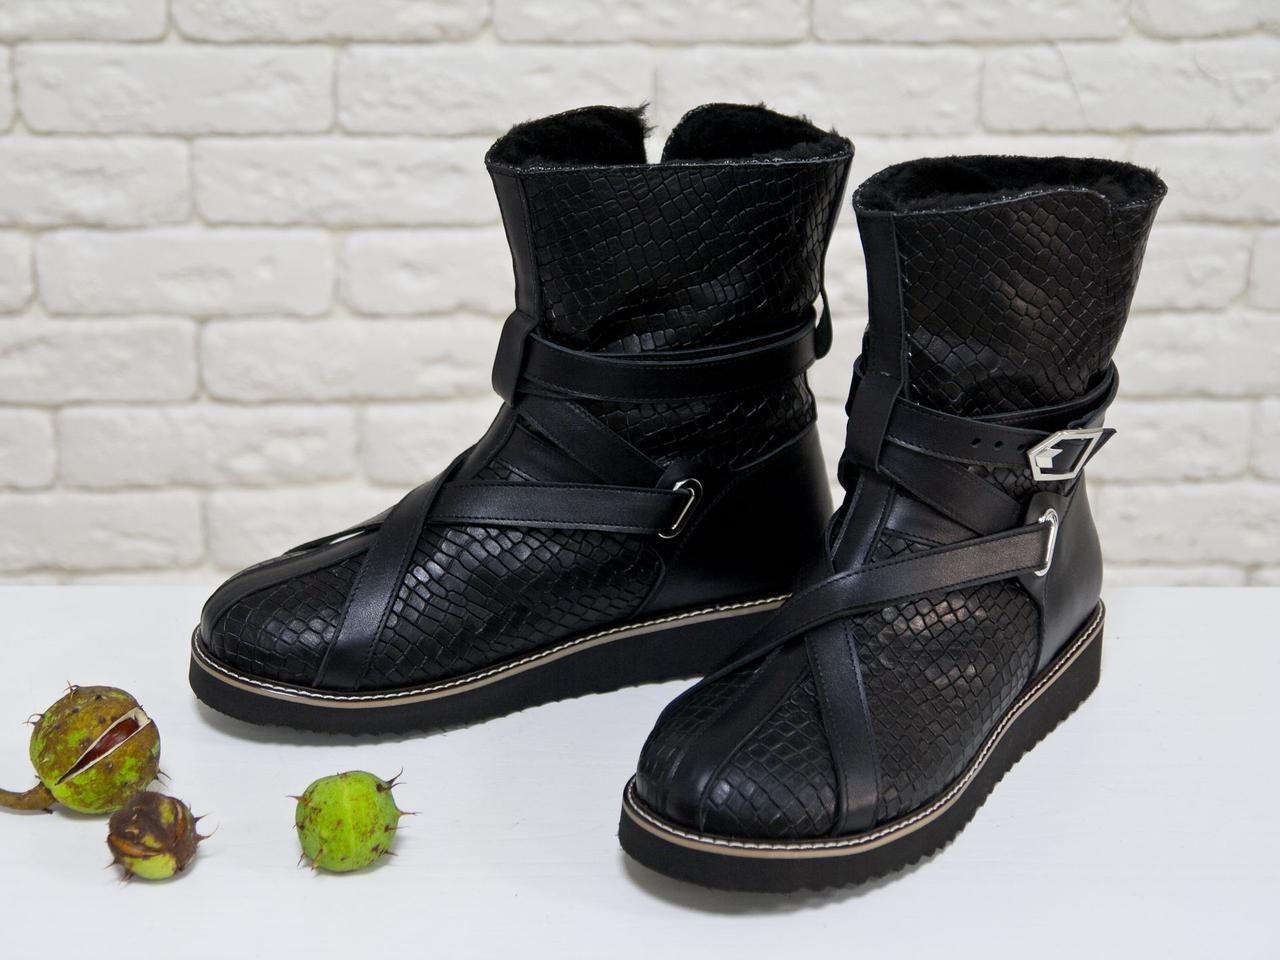 Женские высокие ботиночки в стиле UGG из натуральной текстурированной кожи черного цвета